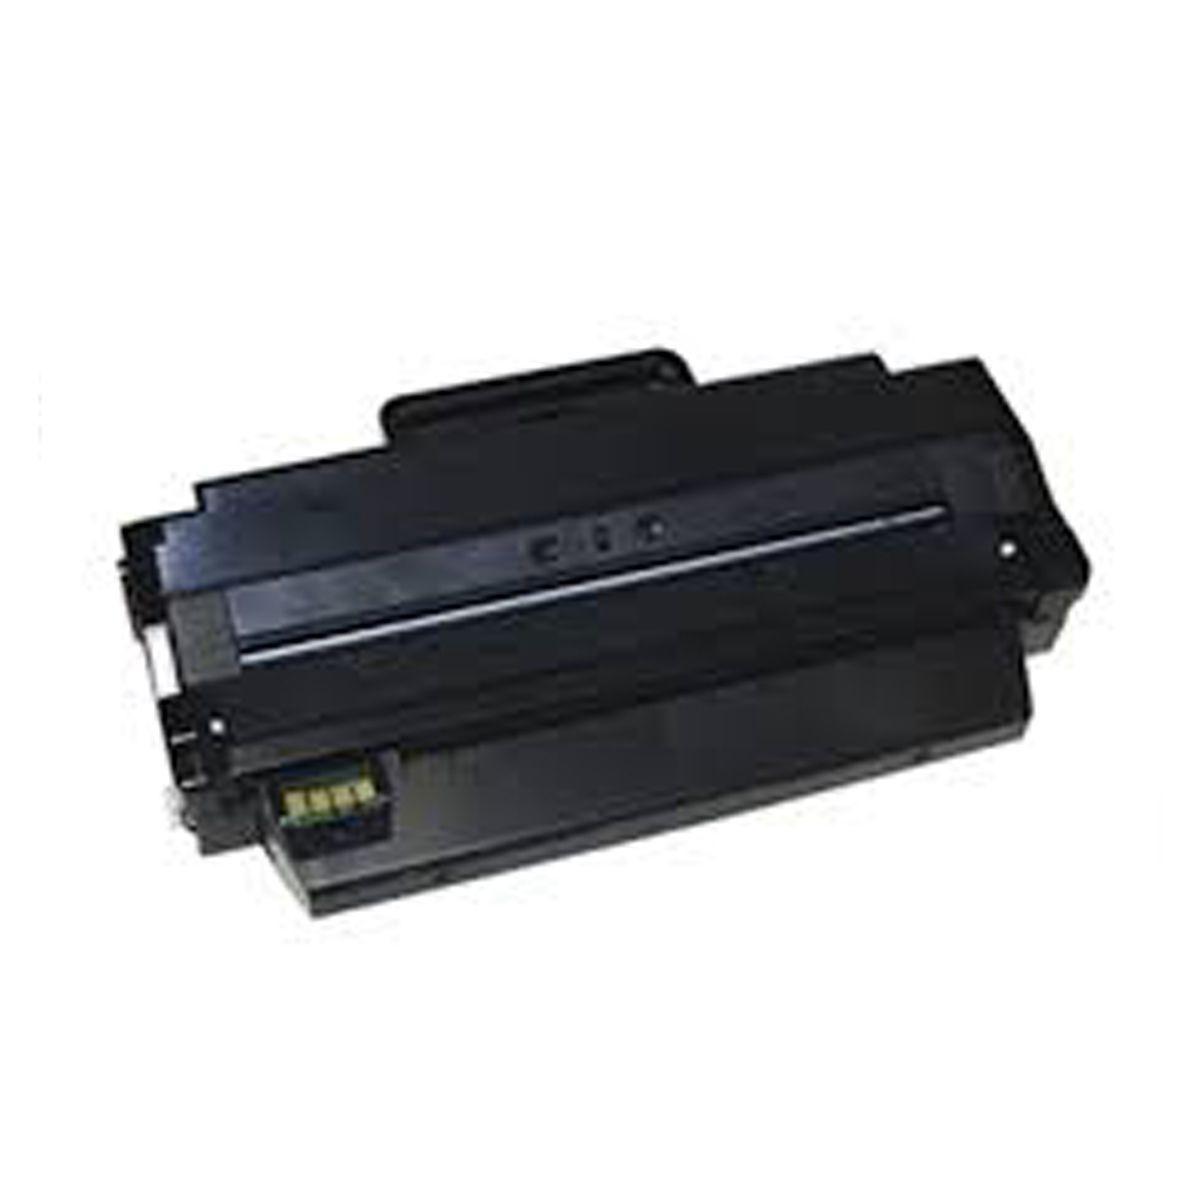 Toner Samsung D103L D103 103 - ML2950 ML2951 ML2955 SCX4705 SCX4727 SCX4728 SCX4729 - Compativel